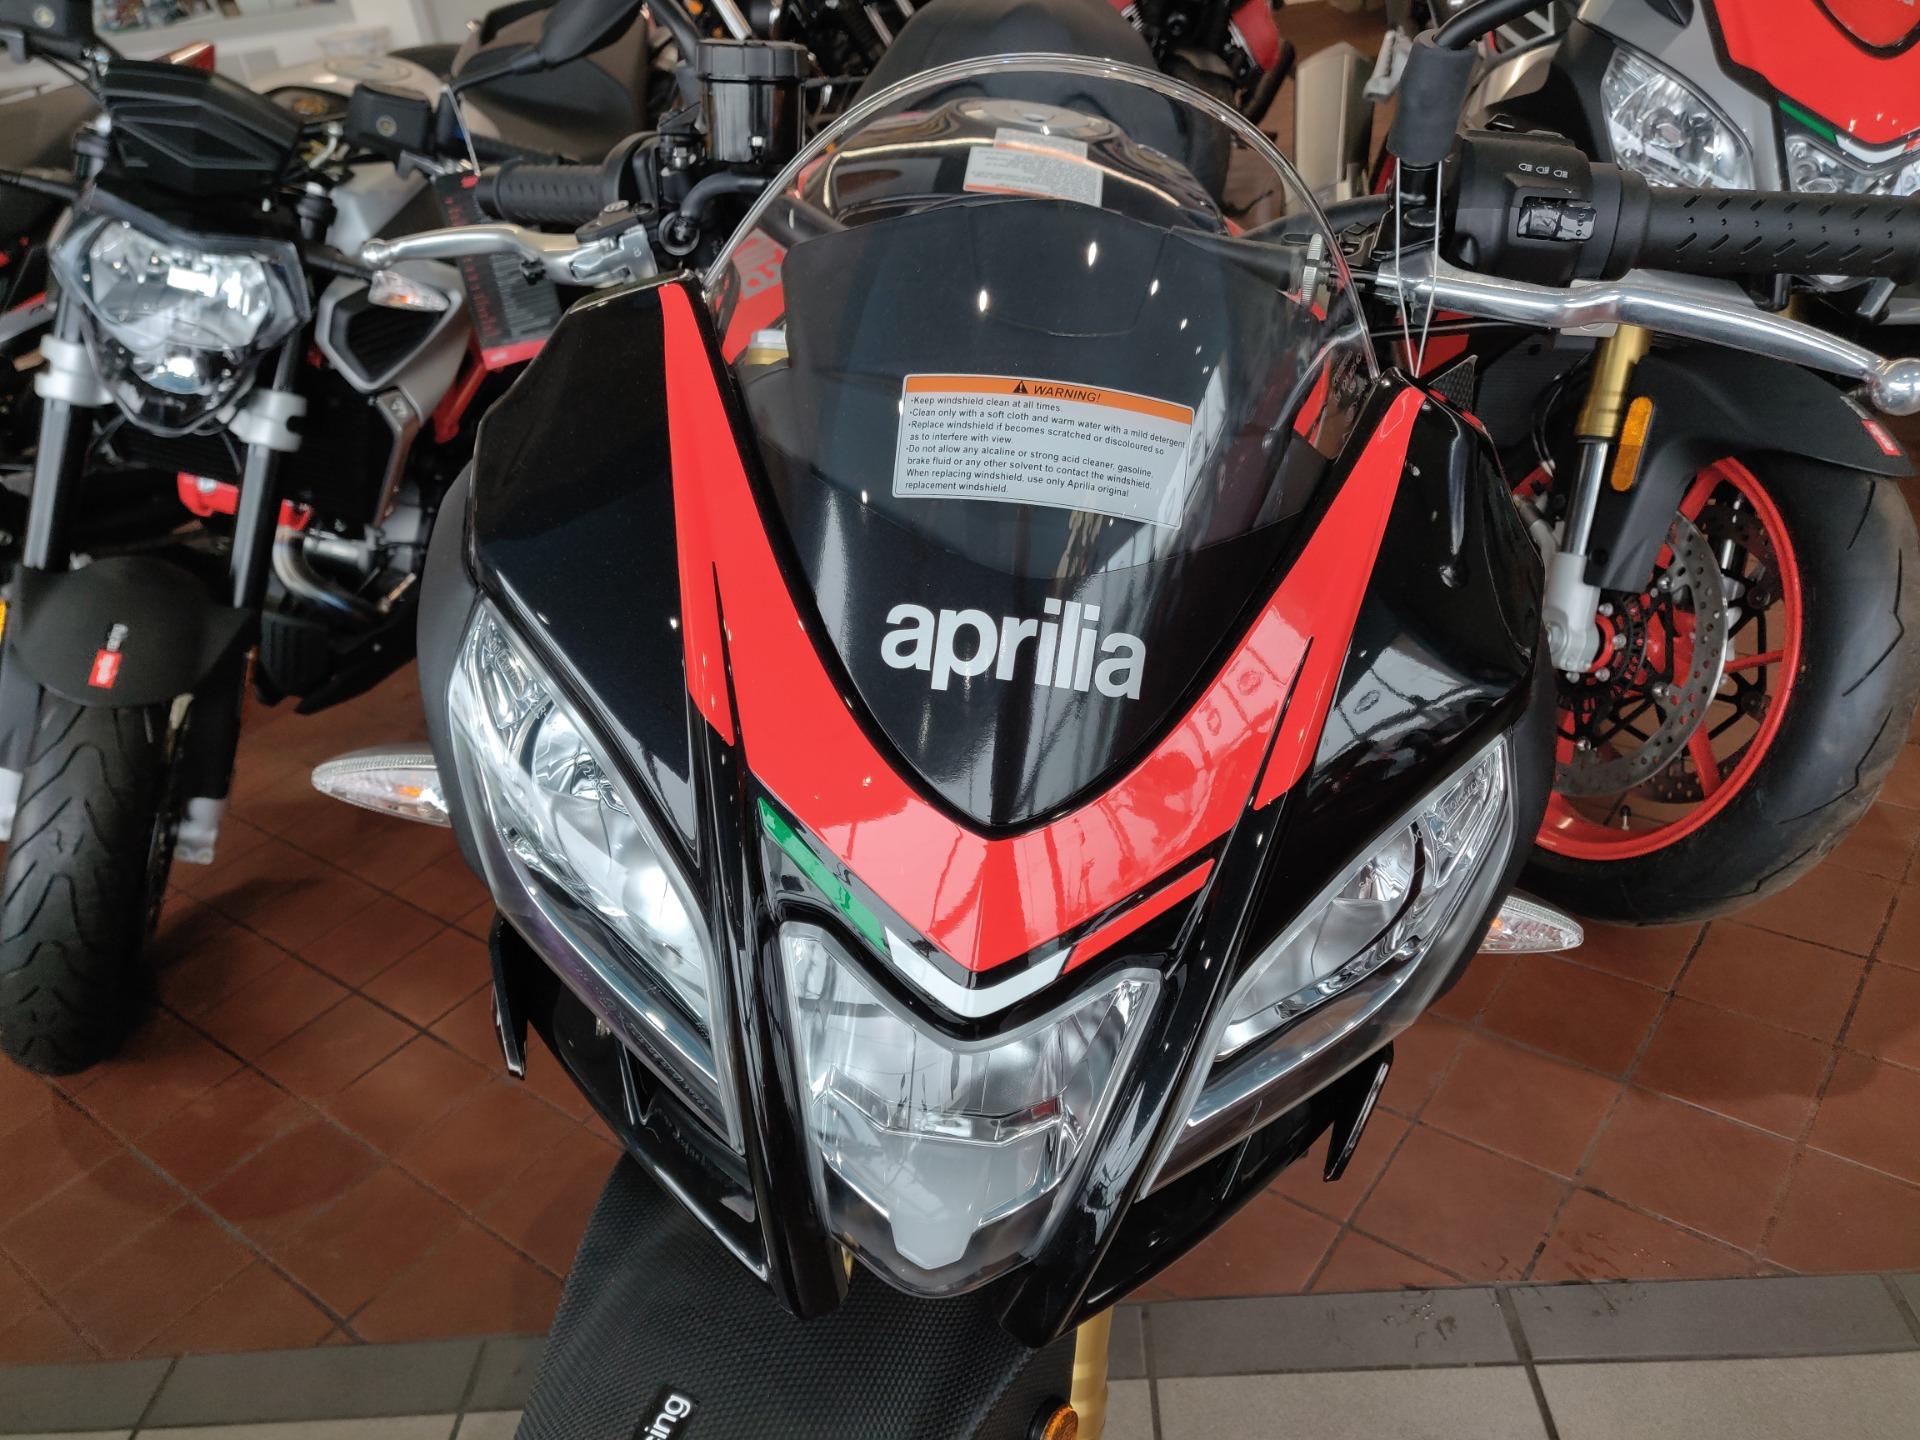 New-2018-Aprilia-Tuono-V4-1100-RR